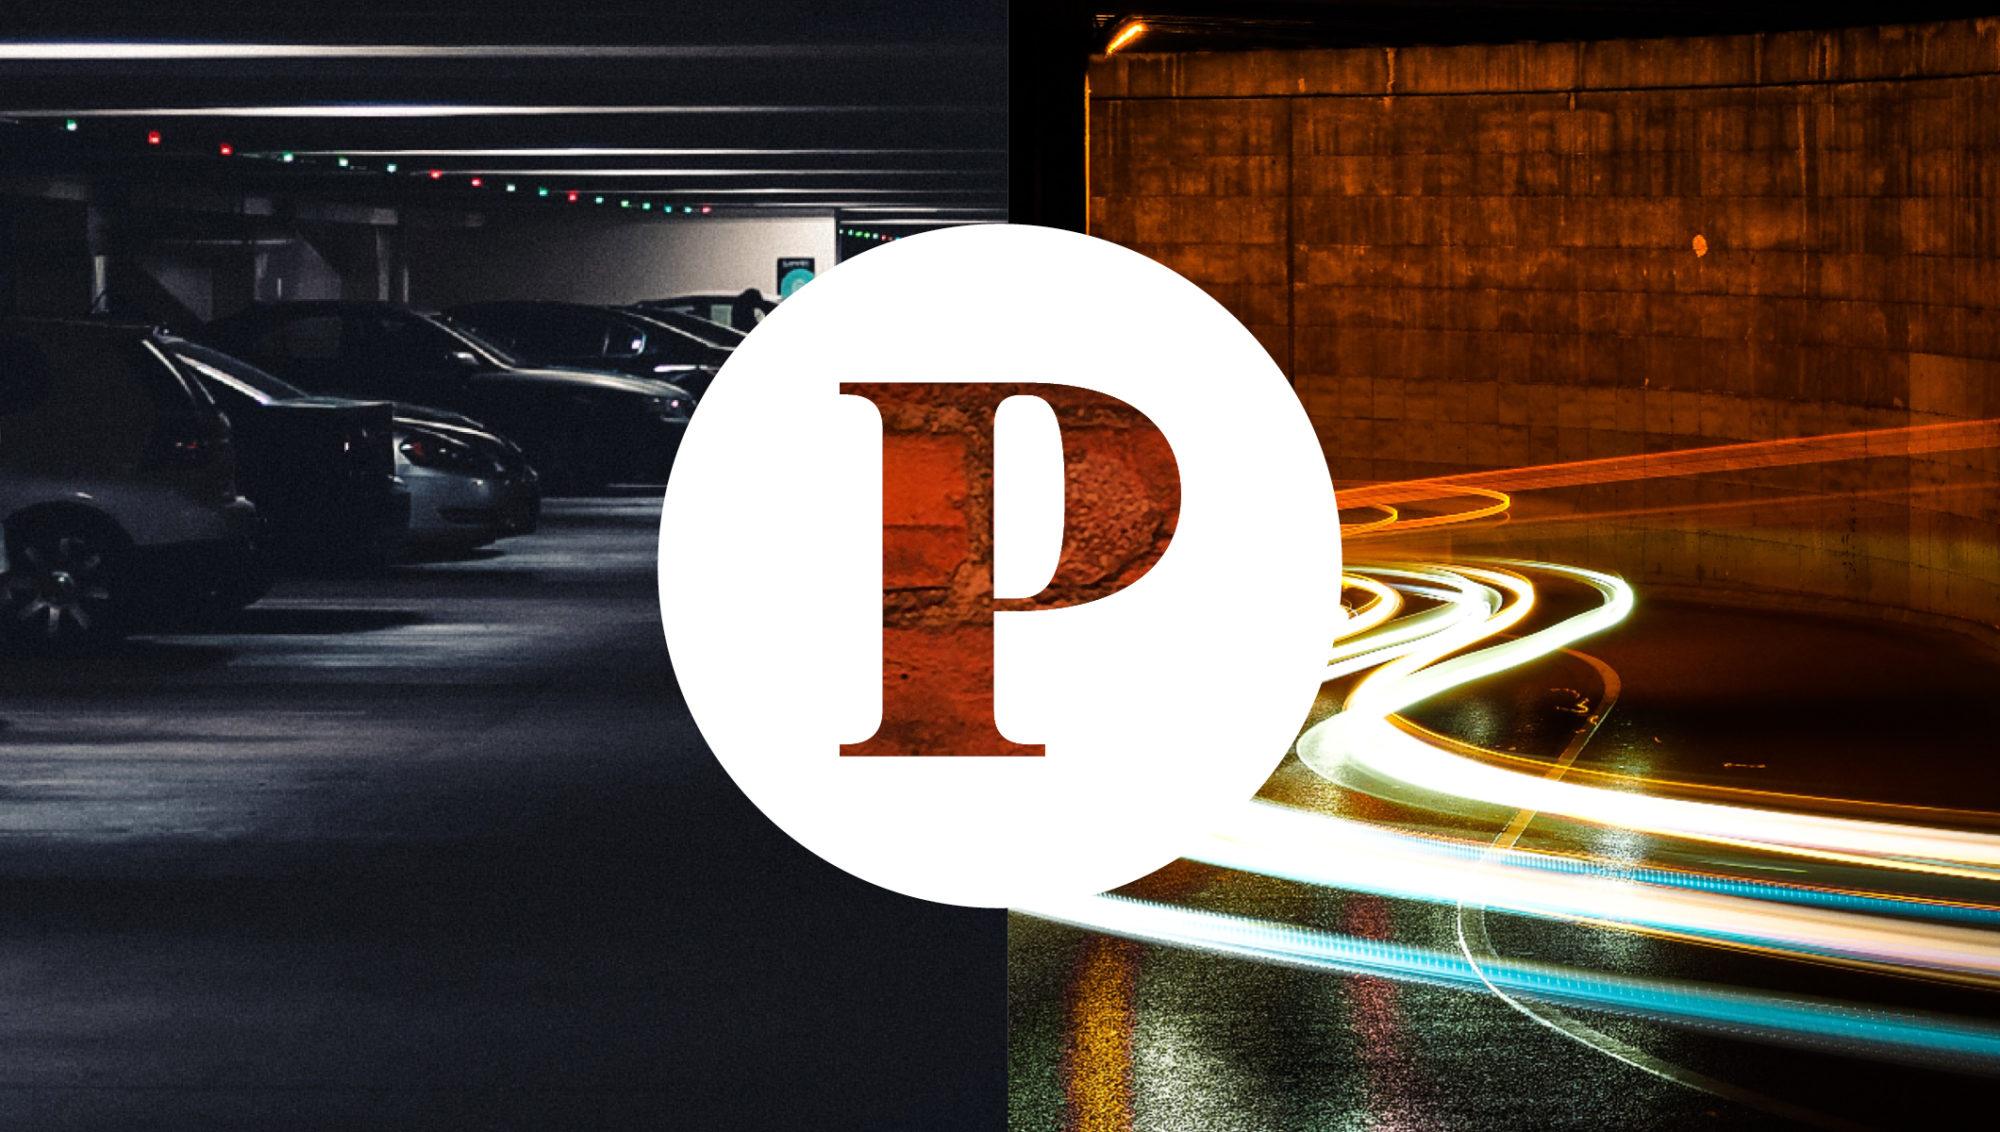 Parkeringsgarage till vänster och billyktor till höger om ett dekorativt P